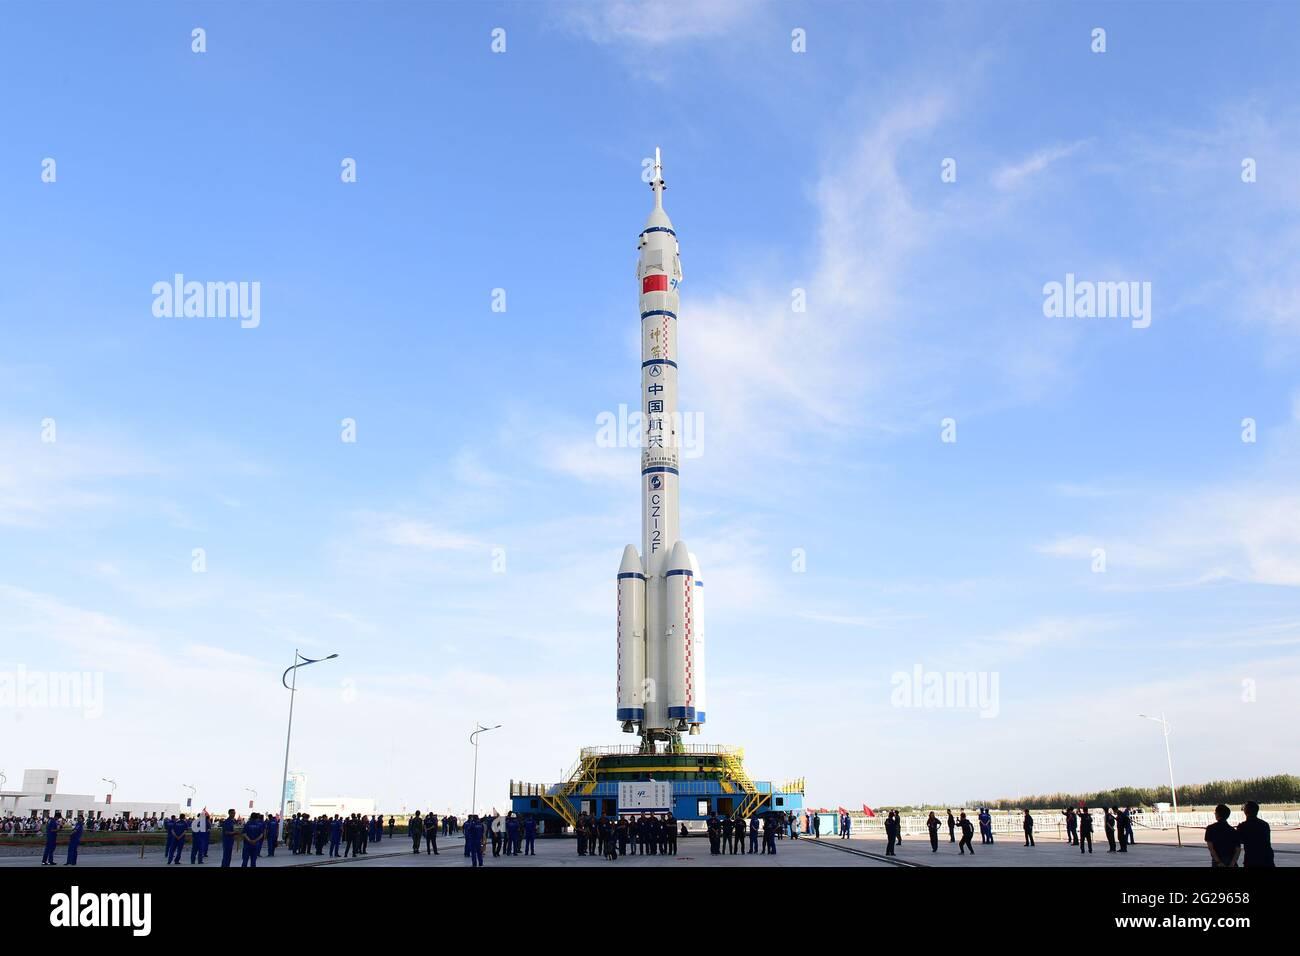 (210609) -- JIUQUAN, 9 de junio de 2021 (Xinhua) -- La combinación de la nave espacial tripulada Shenzhou-12 y un cohete portador Long March-2F se está transfiriendo a la zona de lanzamiento del Centro de Lanzamiento de Satélites de Jiuquan en el noroeste de China, 9 de junio de 2021. La combinación de la nave espacial tripulada Shenzhou-12 y un cohete portador Long March-2F se ha transferido a la zona de lanzamiento, dijo el miércoles la Agencia Espacial Mannada de China (CMSA). Crédito: Xinhua/Alamy Live News Foto de stock